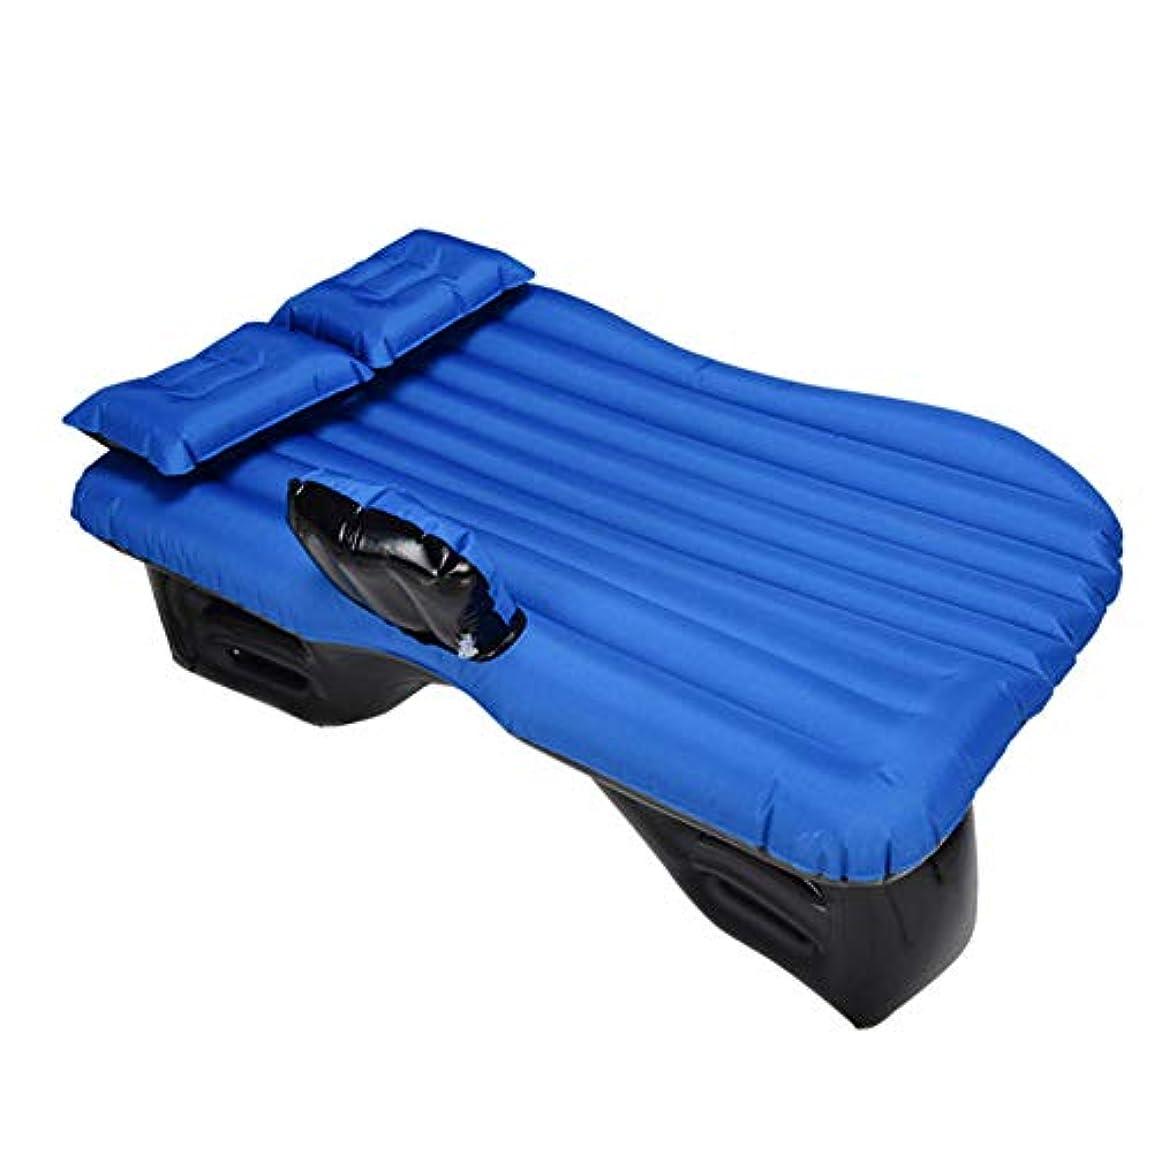 発見する震えるほとんどないLINGYAO 車の膨脹可能なベッドの環境に優しいオックスフォードの布の多機能の通気性の無臭の快適で、安定した膨脹可能なクッション